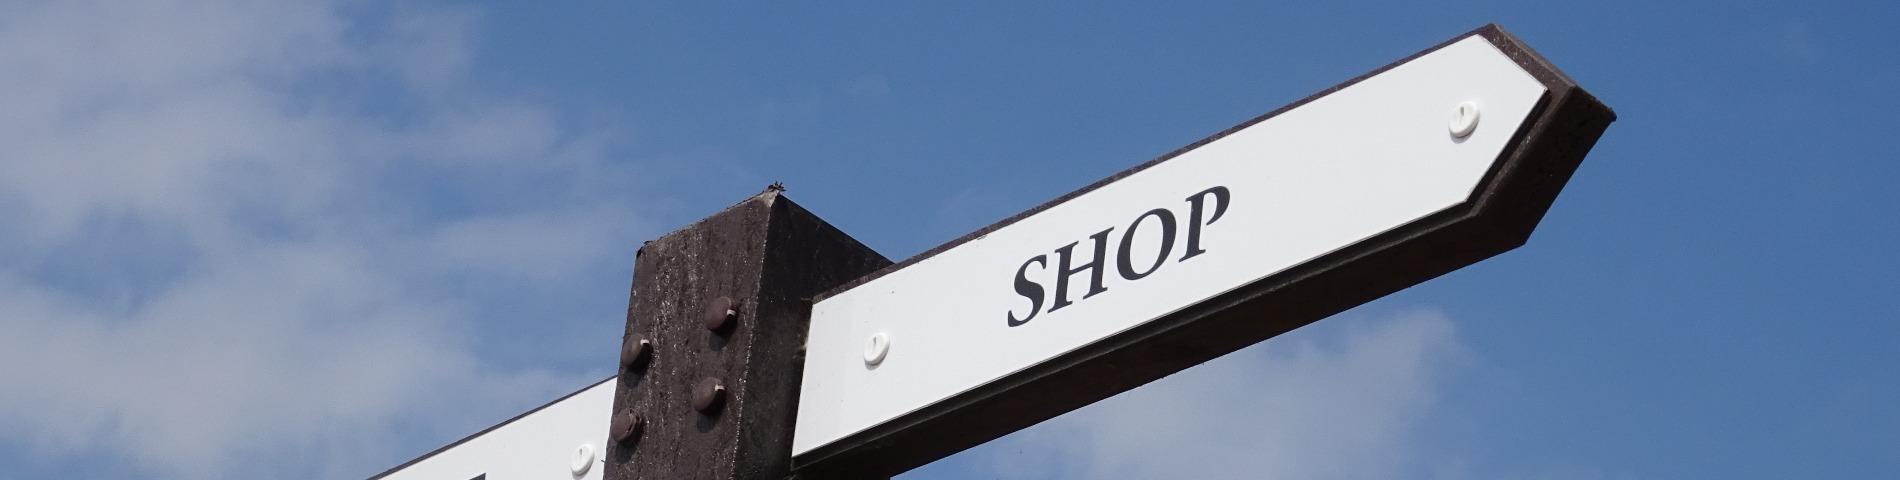 Online shop banner